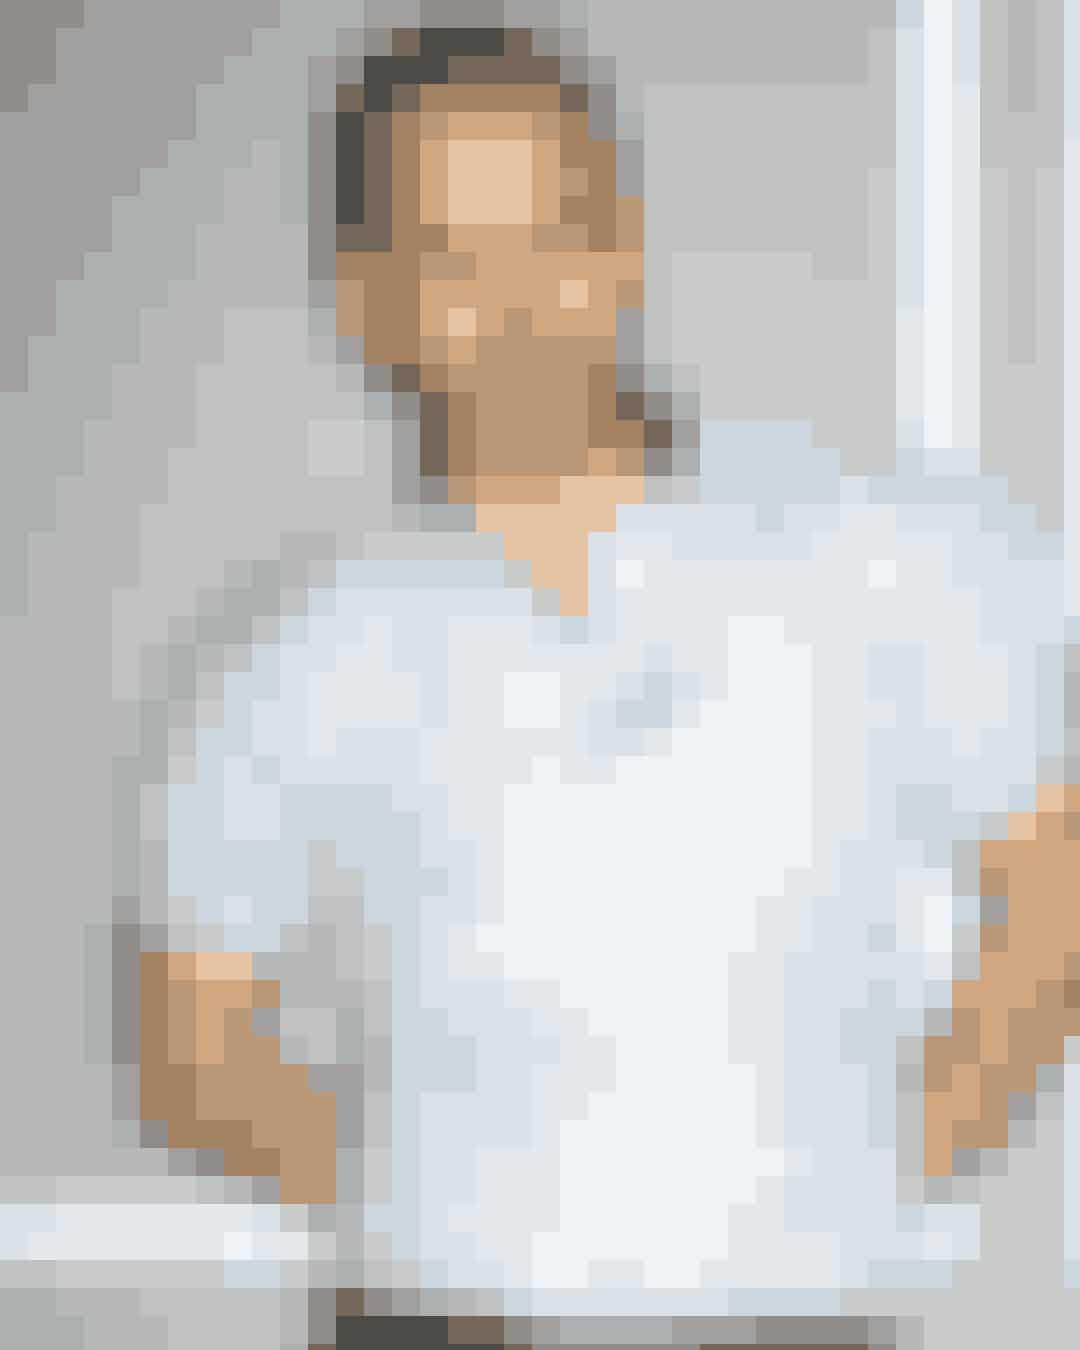 """Uffe Buchard i sin halvårlige trendrapport om moden anno S/S 2019: """"Boblen punkterede sidste år, og den trivialiserede influecer-influenza spredte sig heldigvis ikke yderligere"""". Gå ikke glip af modemandens eksklusive analyse af modebilledet lige nu, som i følge ham selv i den grad burde få et ordenligt karatehug."""